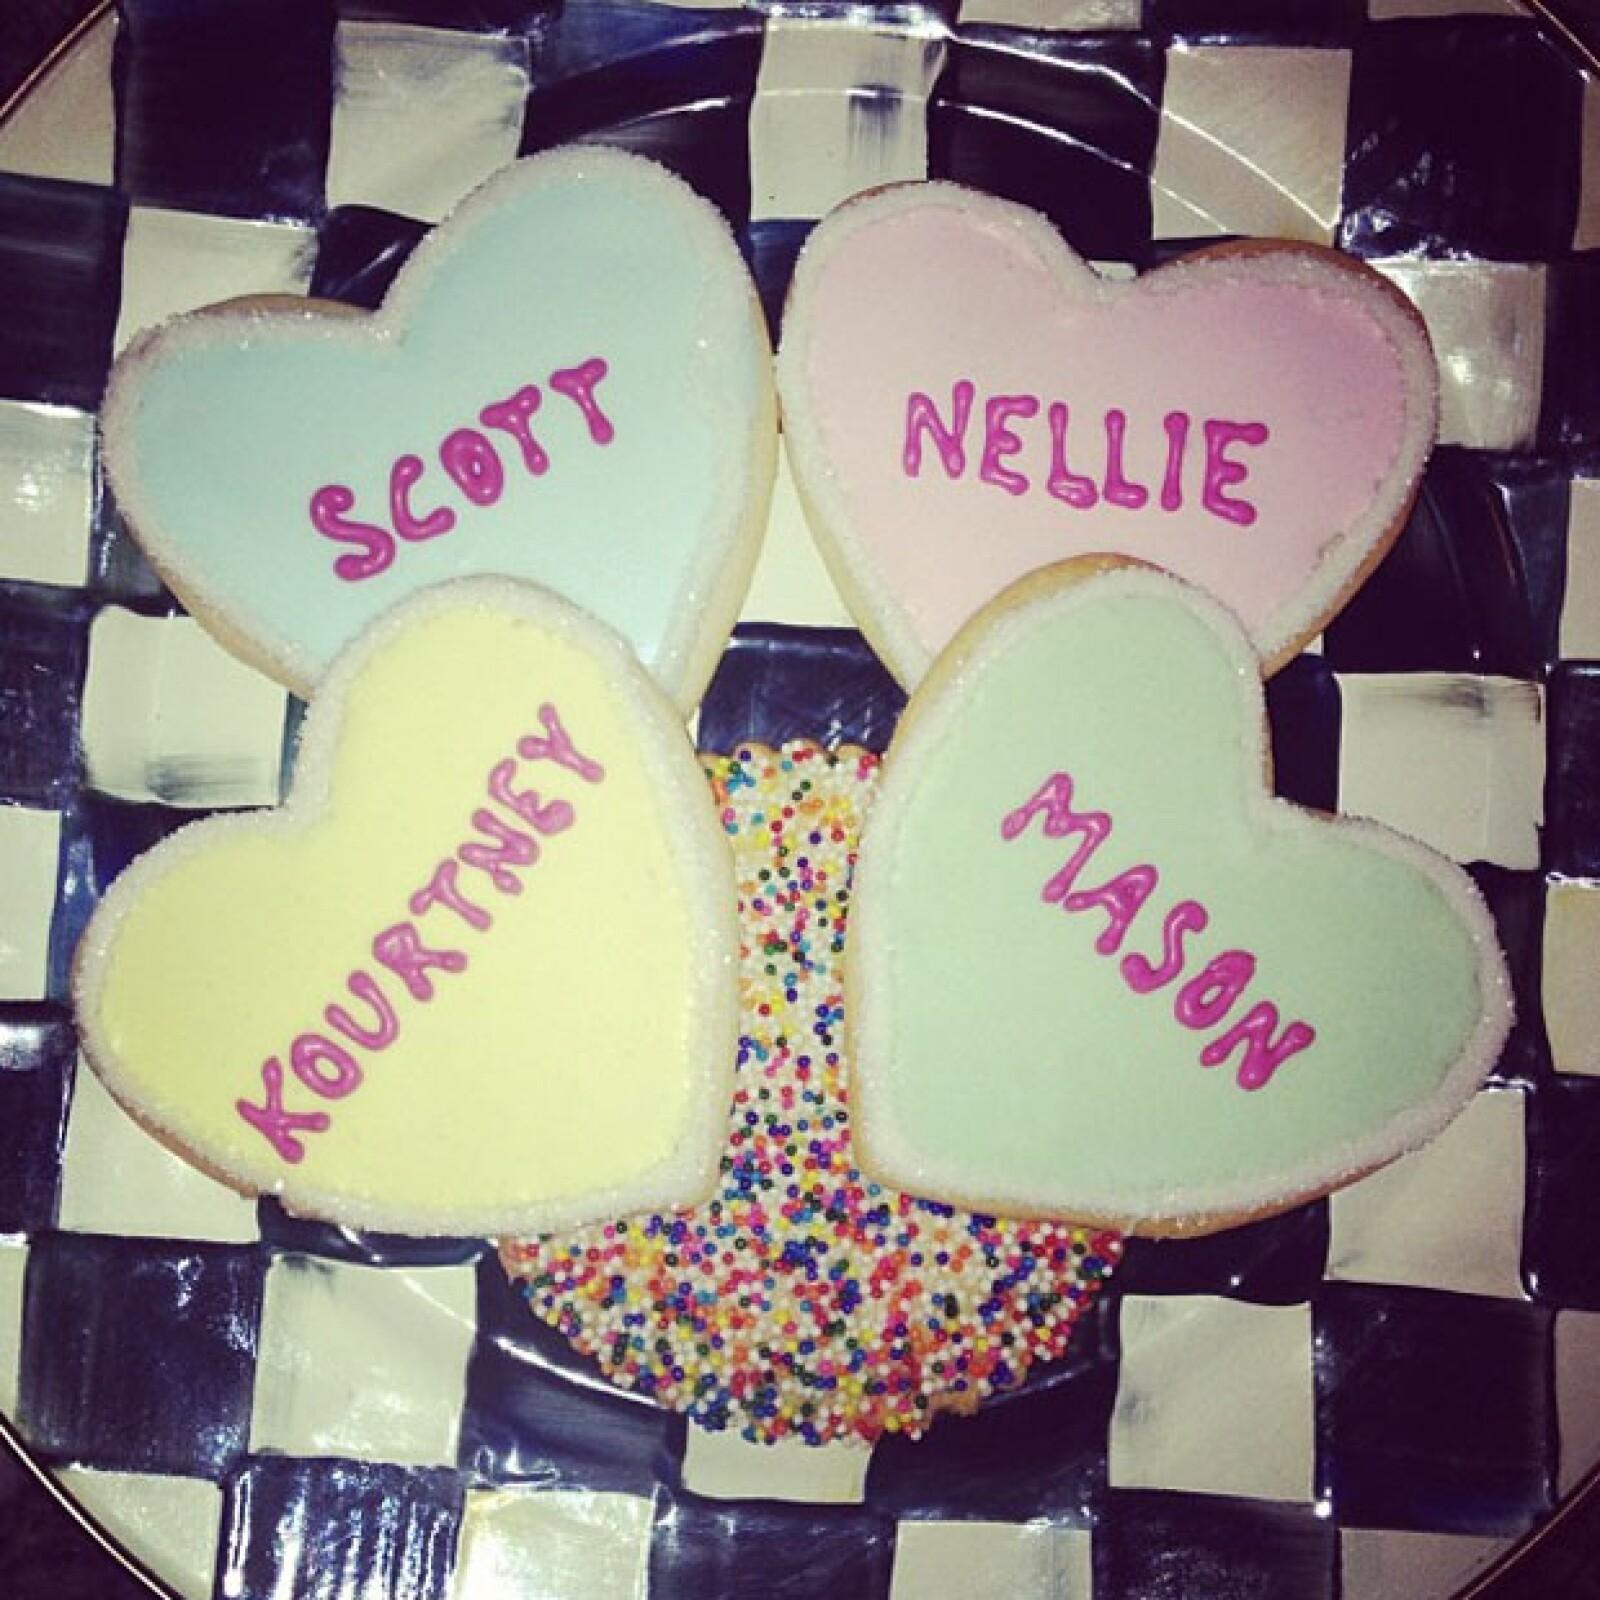 Kourtney Kardashian publicó en su Instagram una foto de cuatro galletas de San Valentín con los nombres de su esposo y sus hijos.